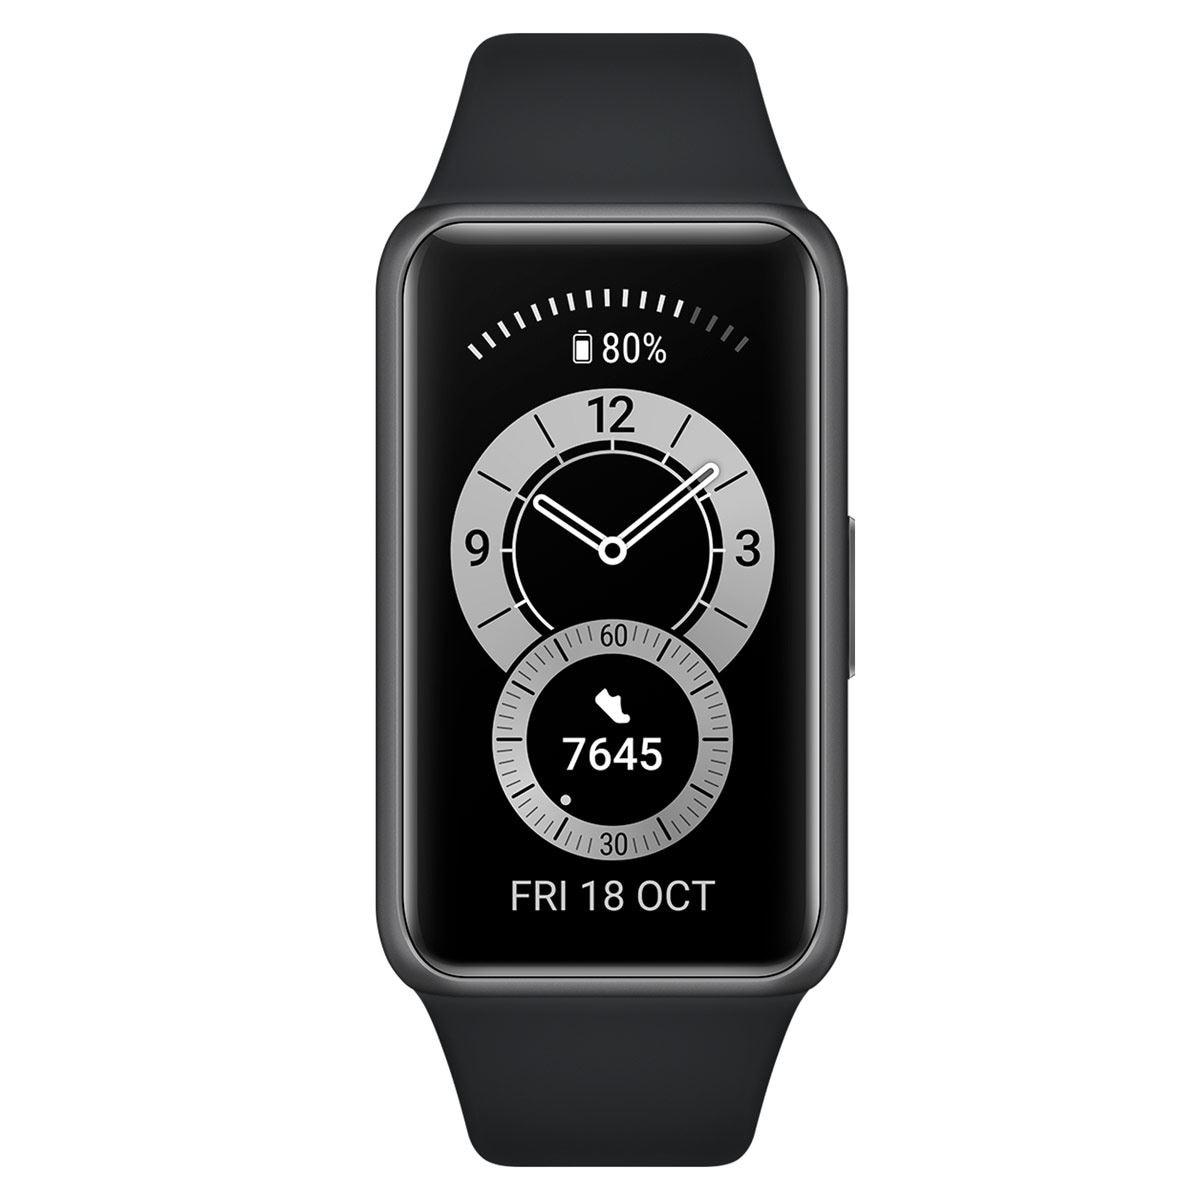 Smartwatch Huawei Band 6 Negra